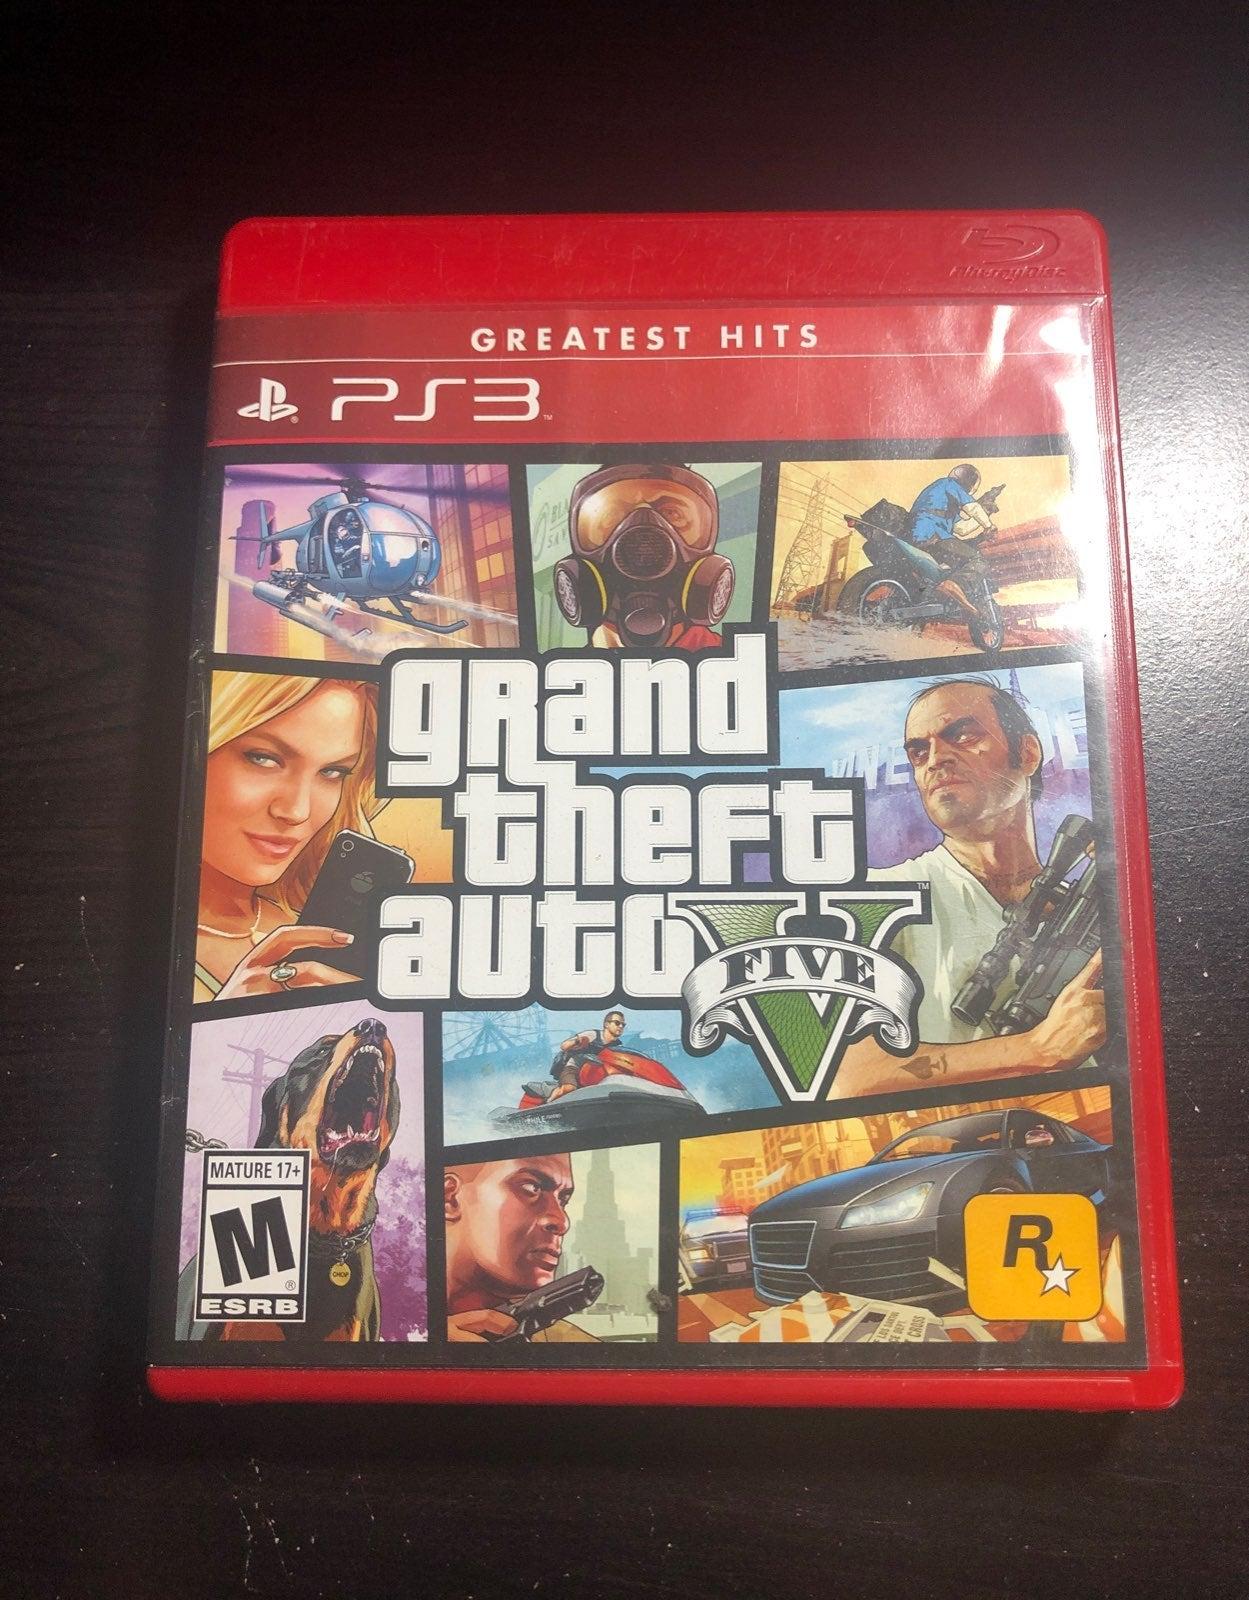 GTA - Grand Theft Auto V: Greatest Hits